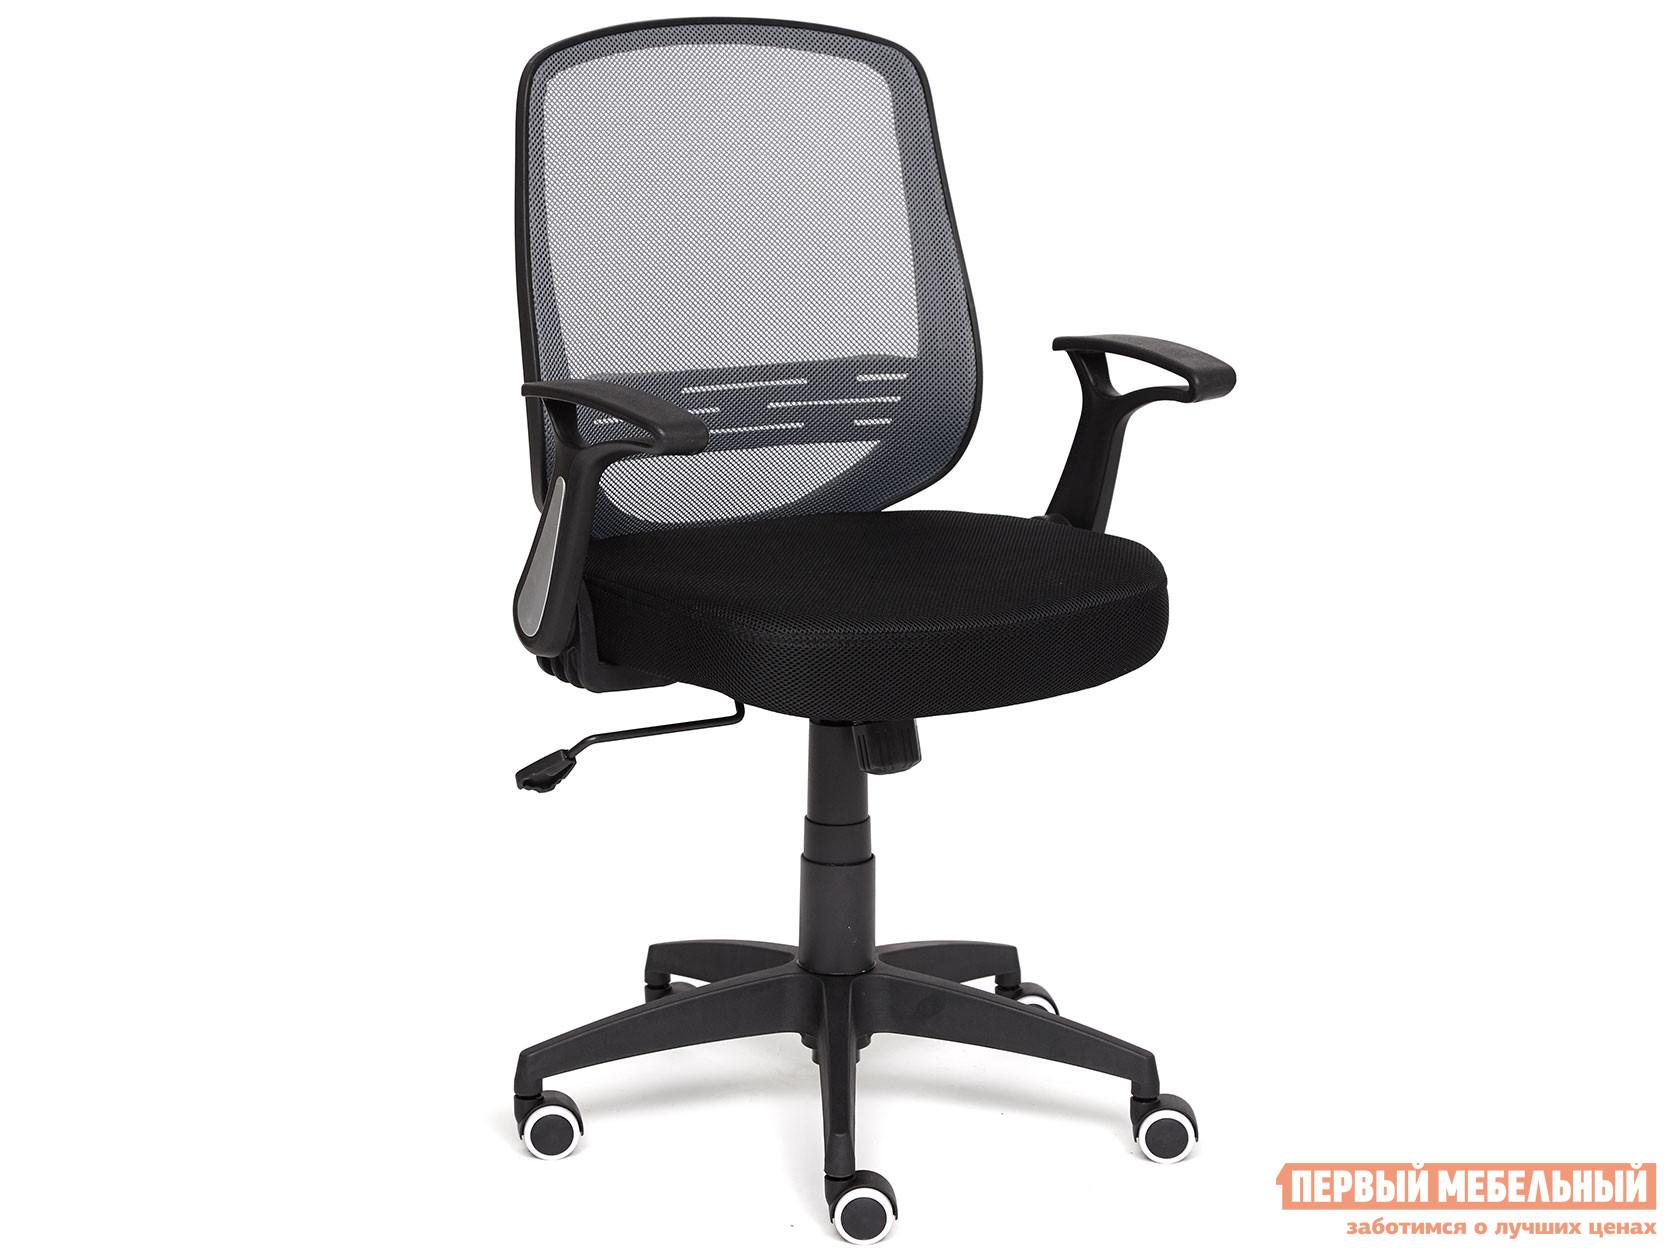 Офисное кресло Tetchair uno